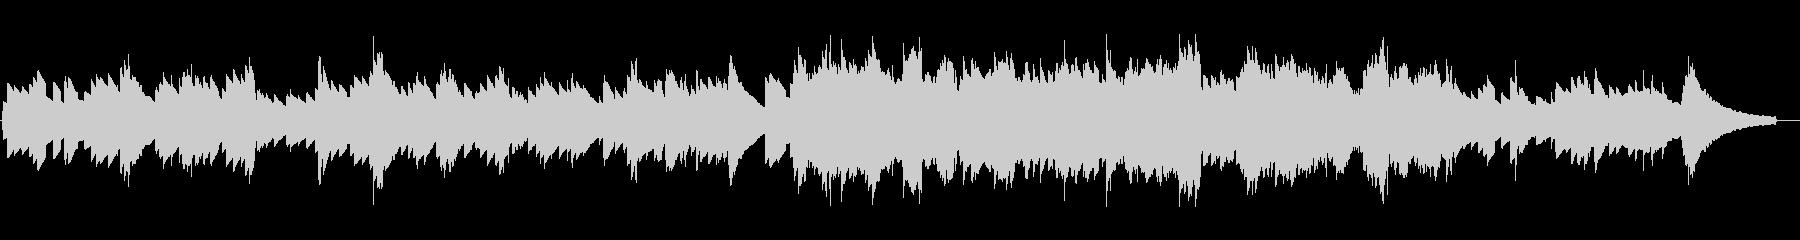 レトロな電子ピアノの素朴で静かなジングルの未再生の波形